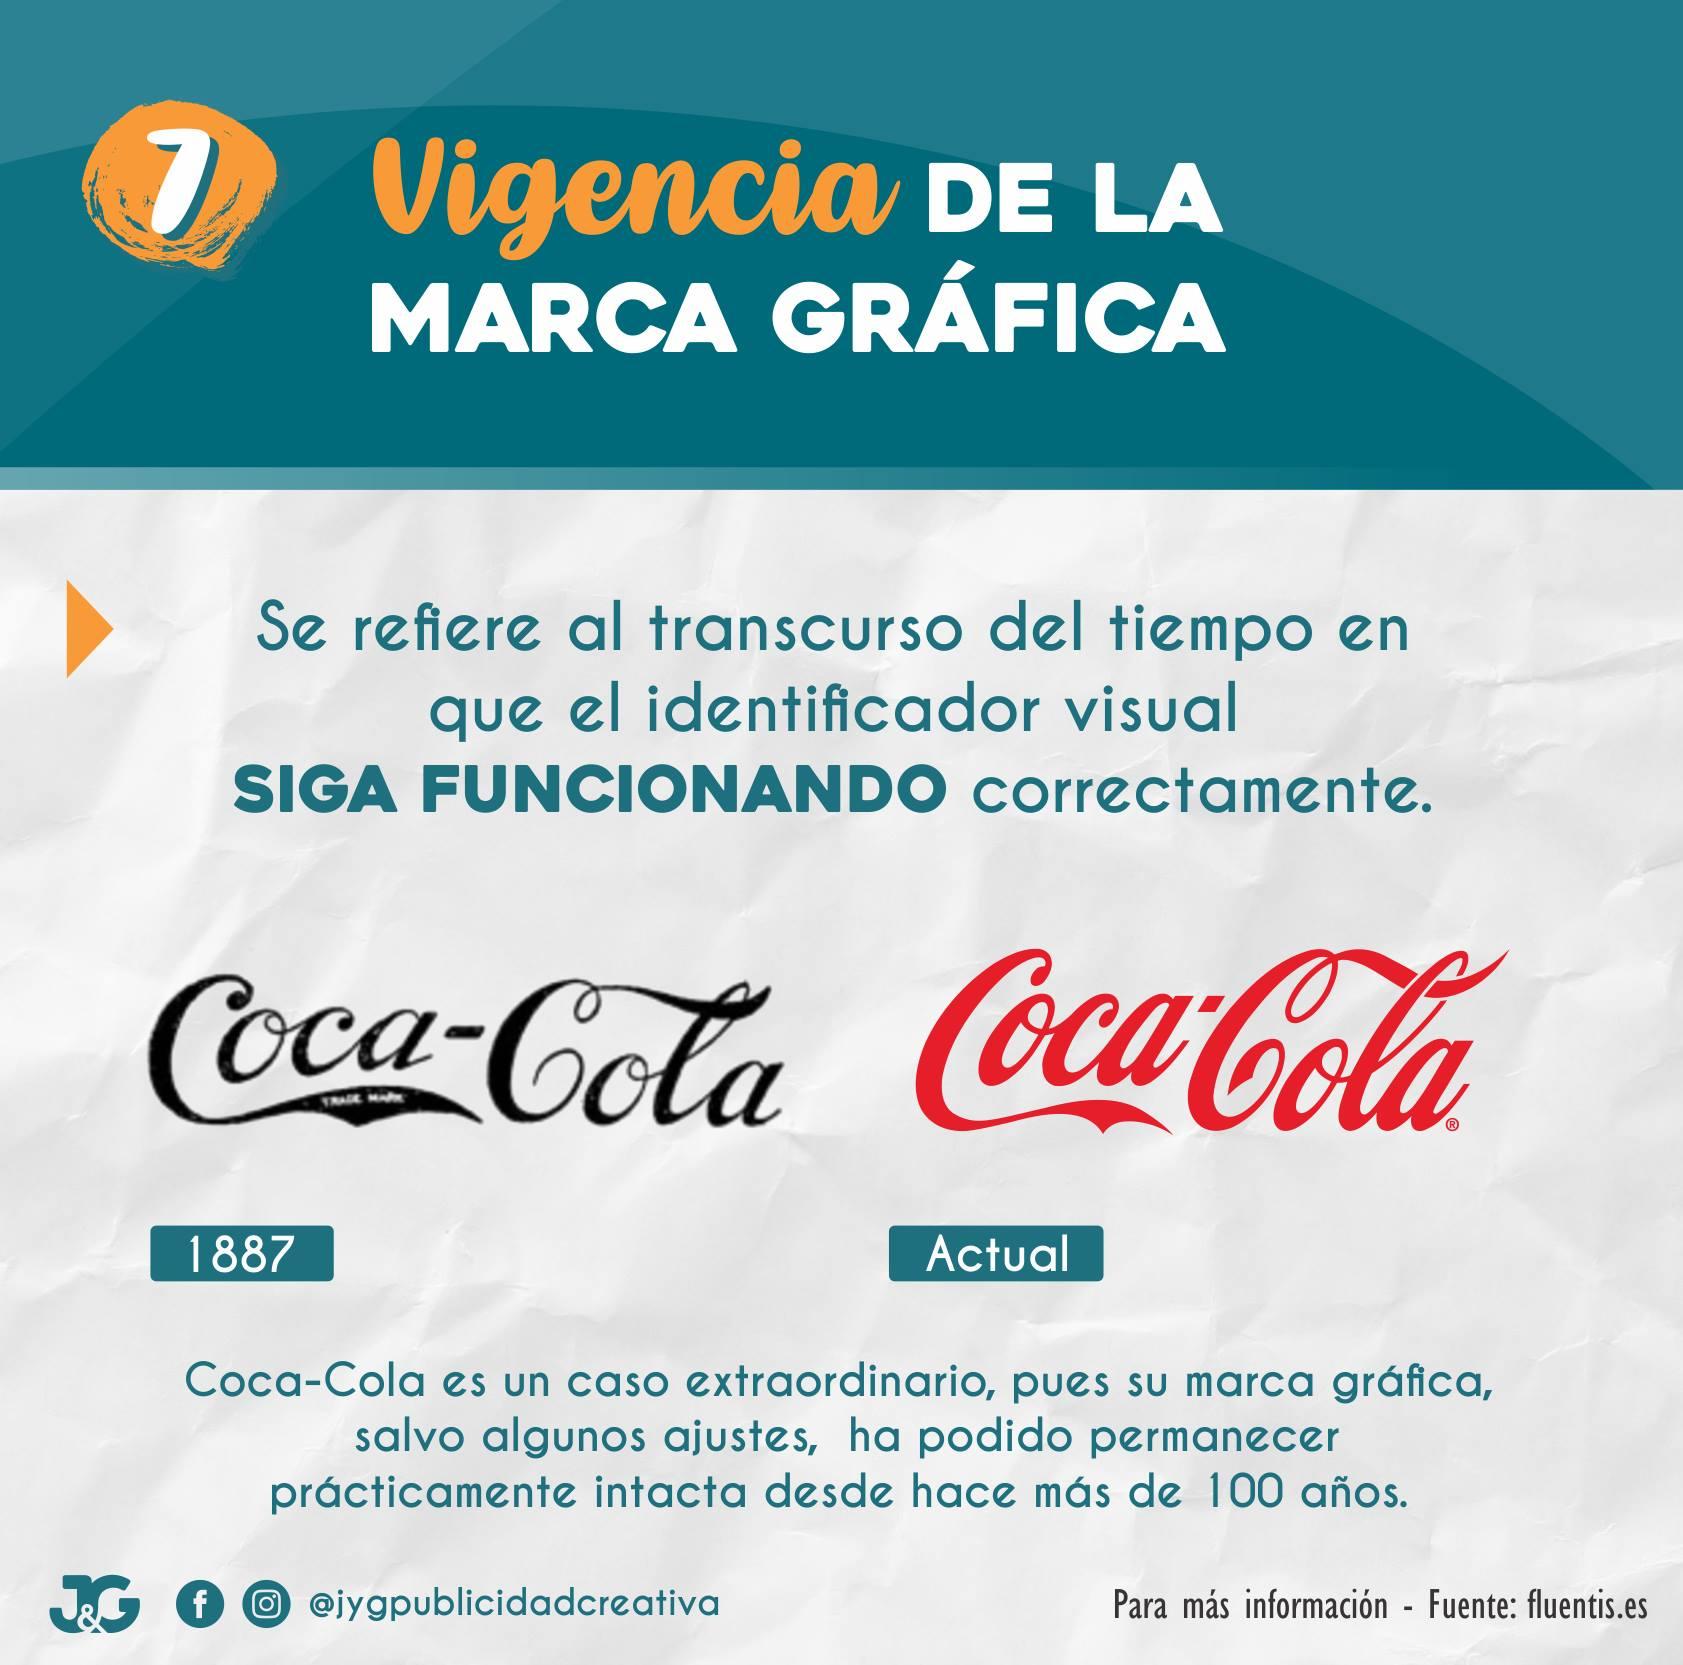 7 - Vigencia de la marca gráfica